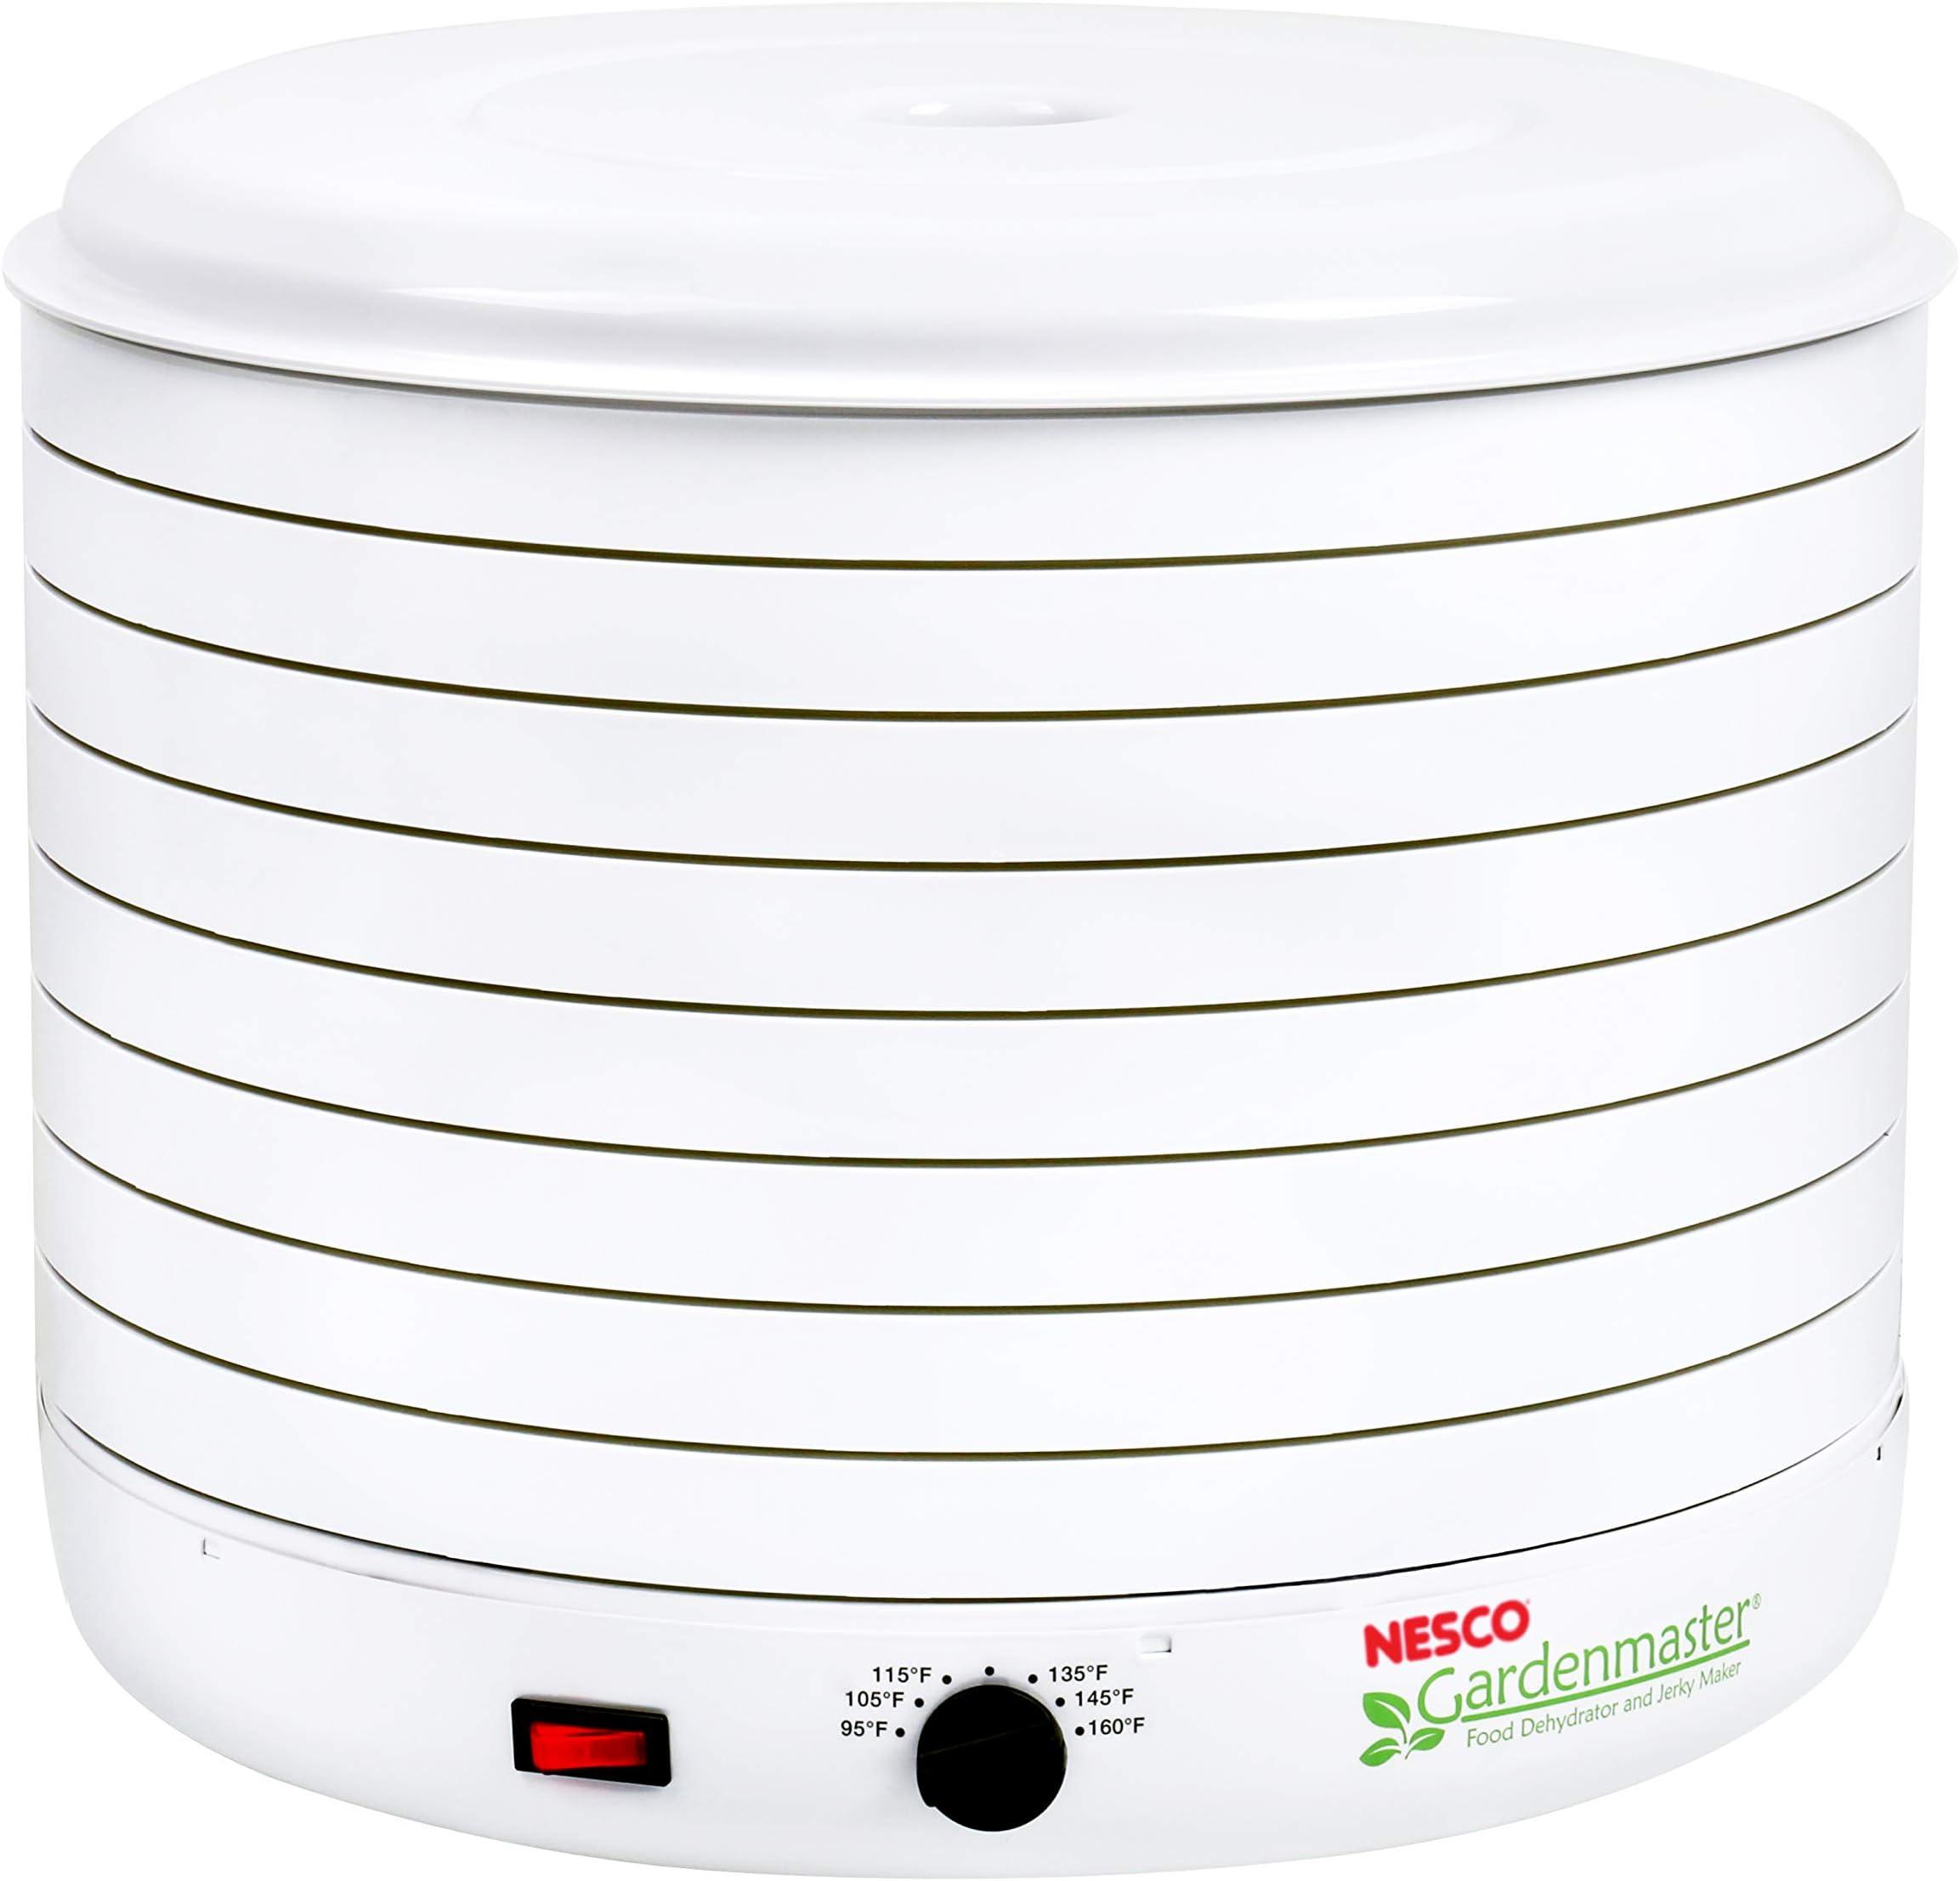 NESCO Gardenmaster Pro Dehydrator, FD-1018A, White